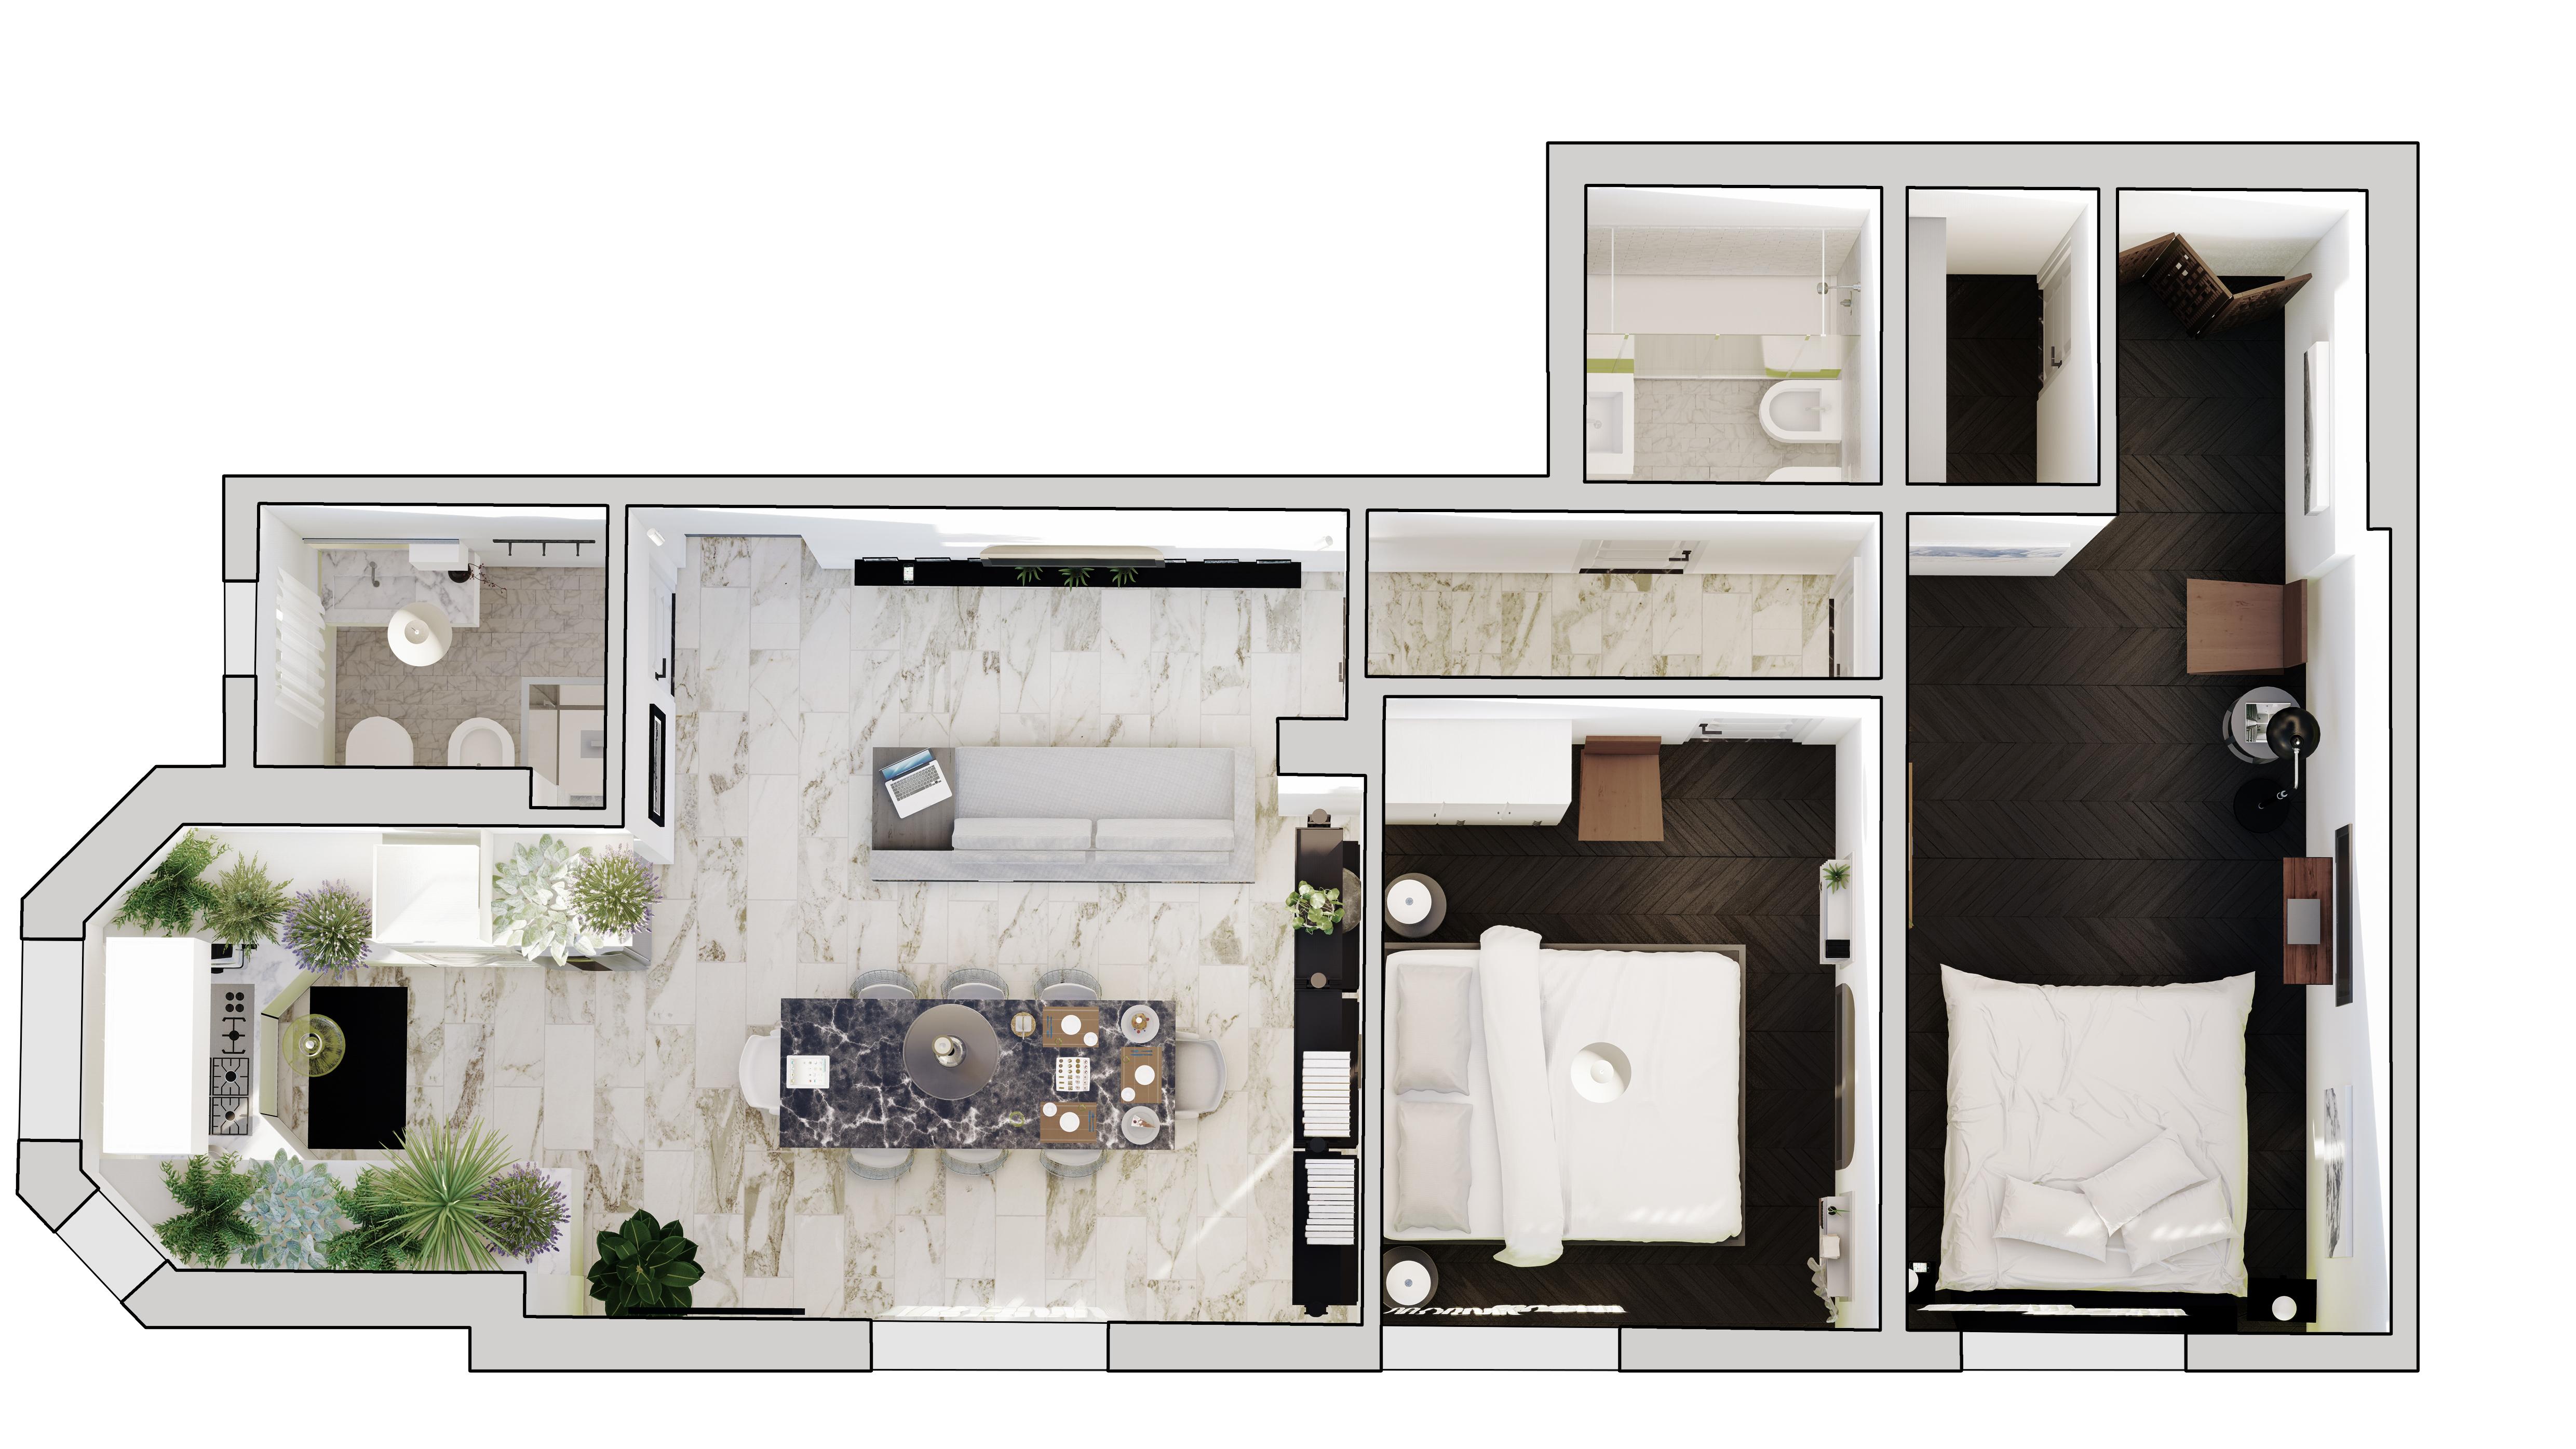 Appartamento in vendita, rif. 121 (Planimetria 1/1)